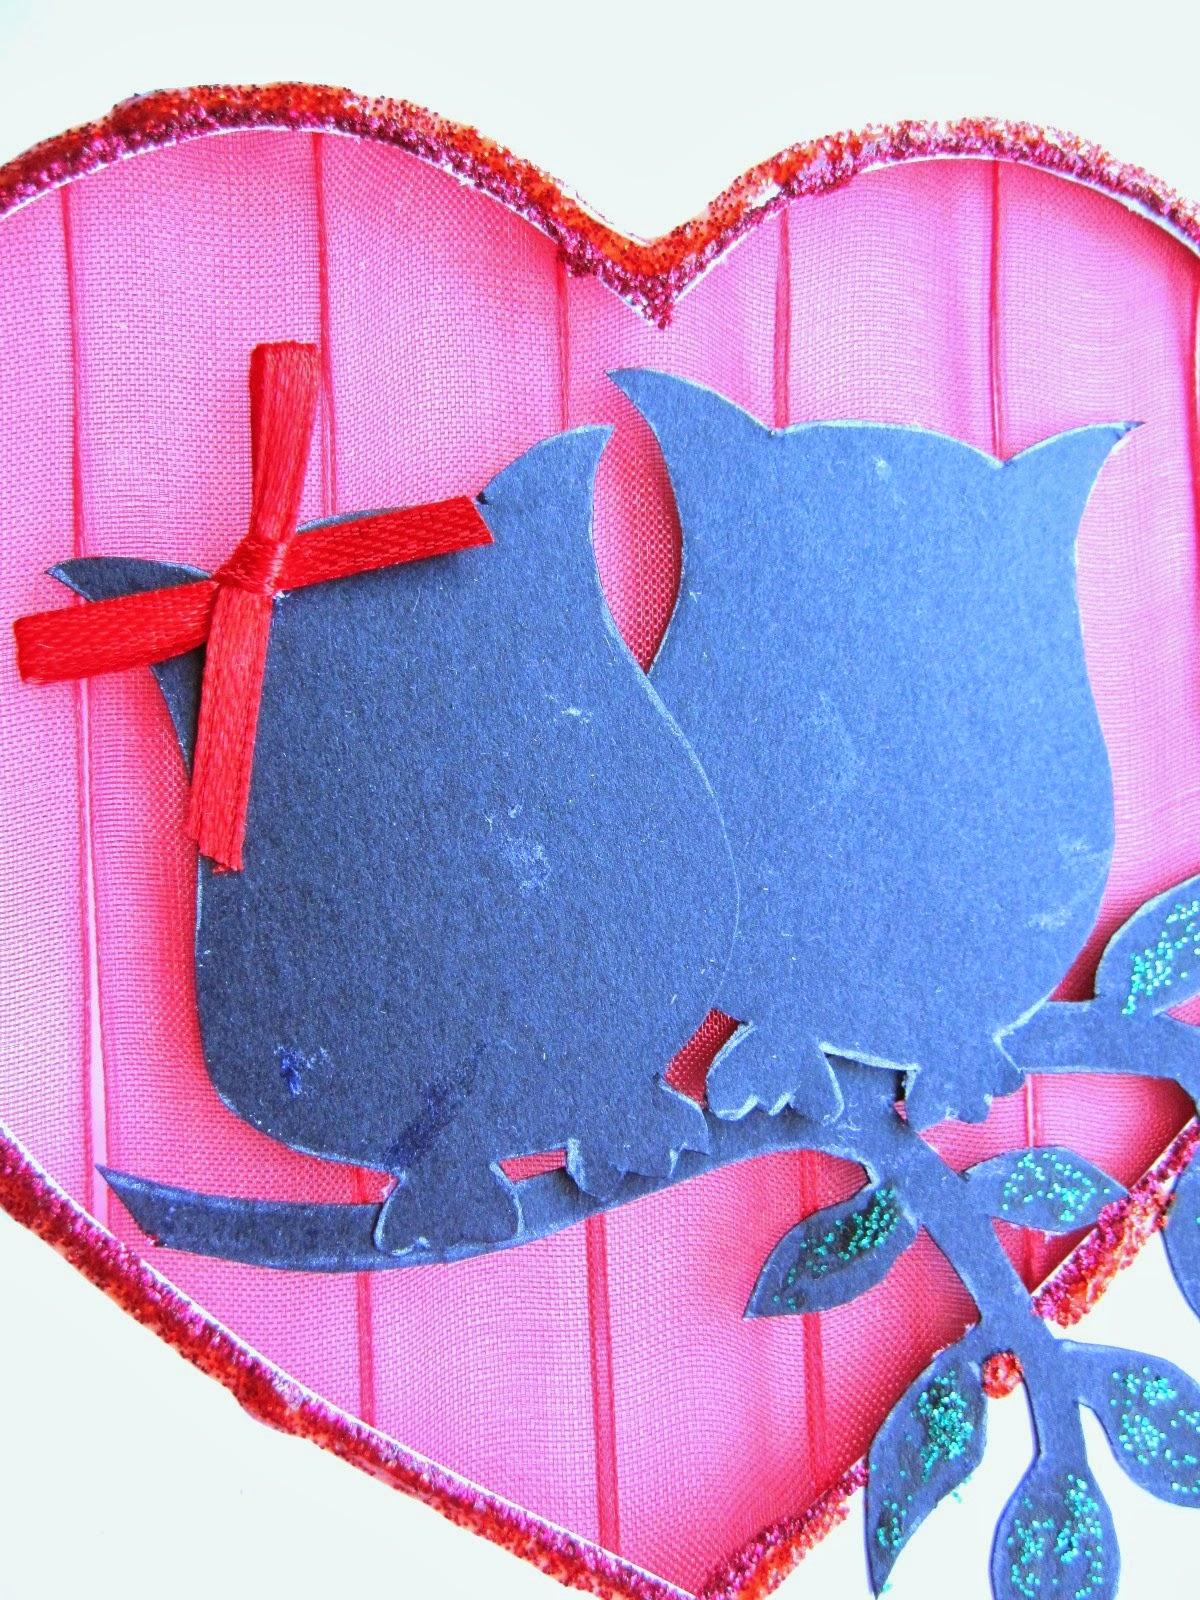 detalle de tarjeta blanca de felicitación con corazón calado con fondo de gasa roja y siluetas delante de dos búhos y rama de árbol con detalles decorados con glitter glue rojo y verde